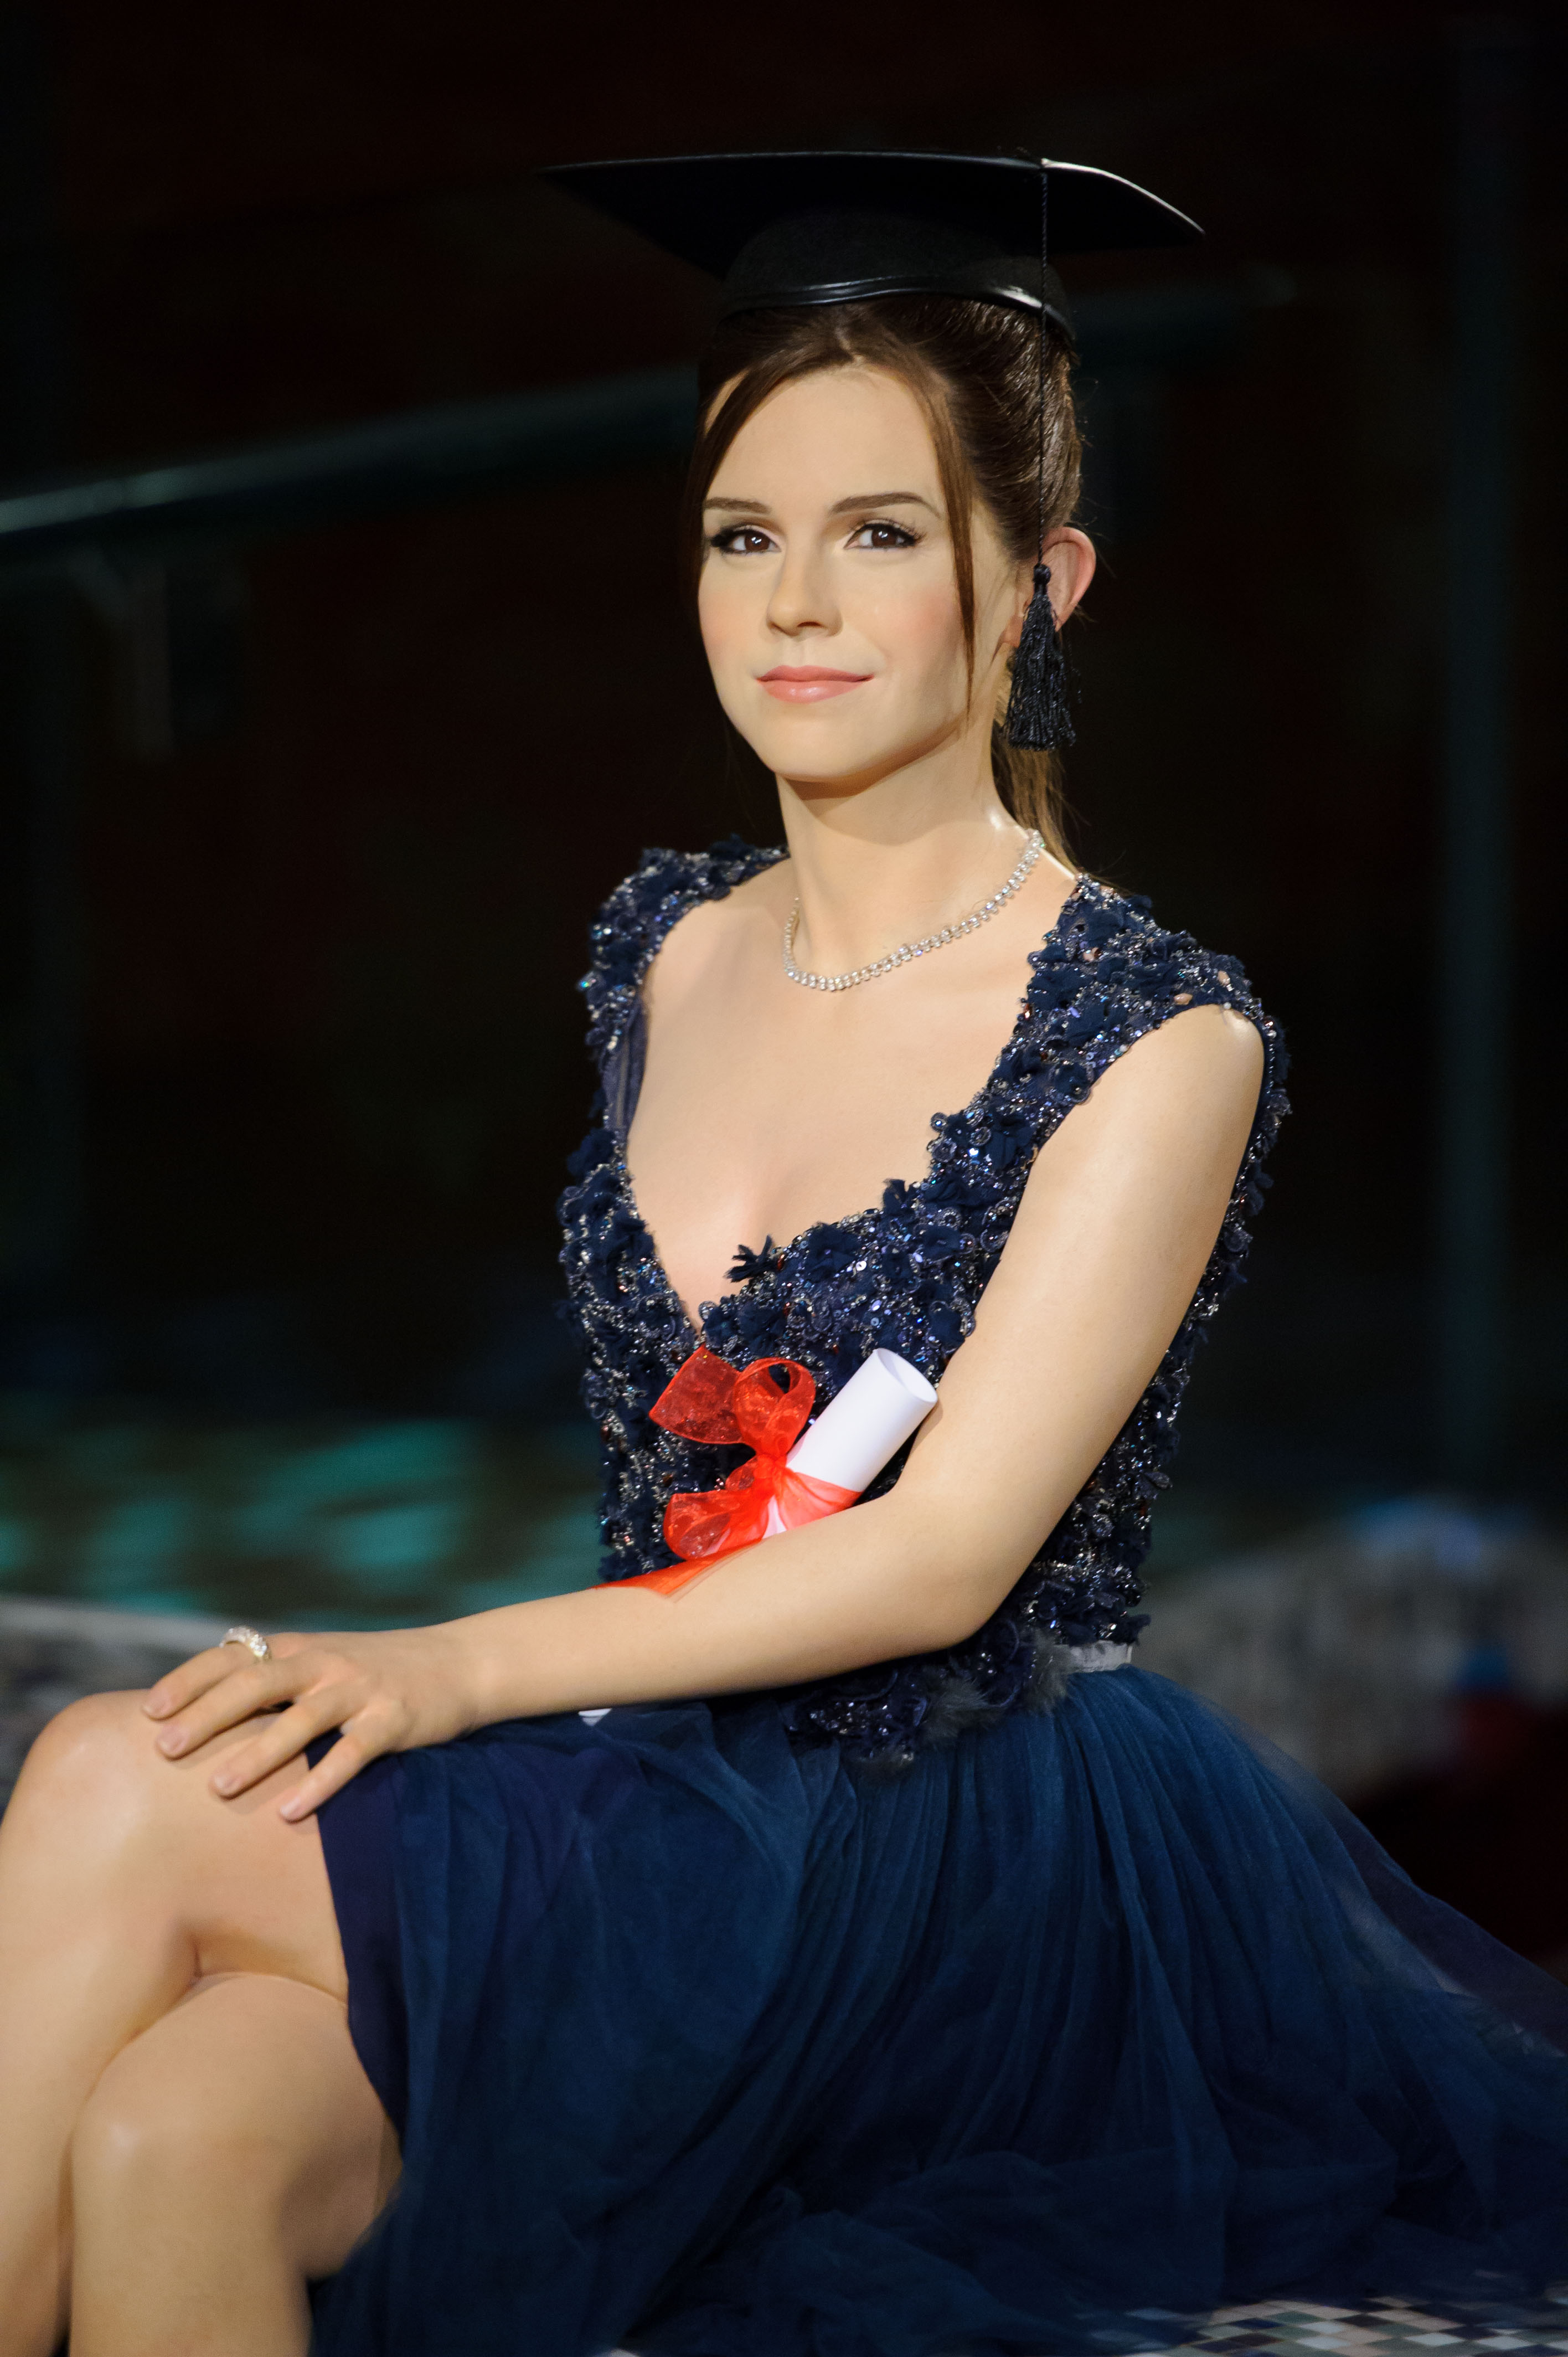 Emma Watson graduation waxwork